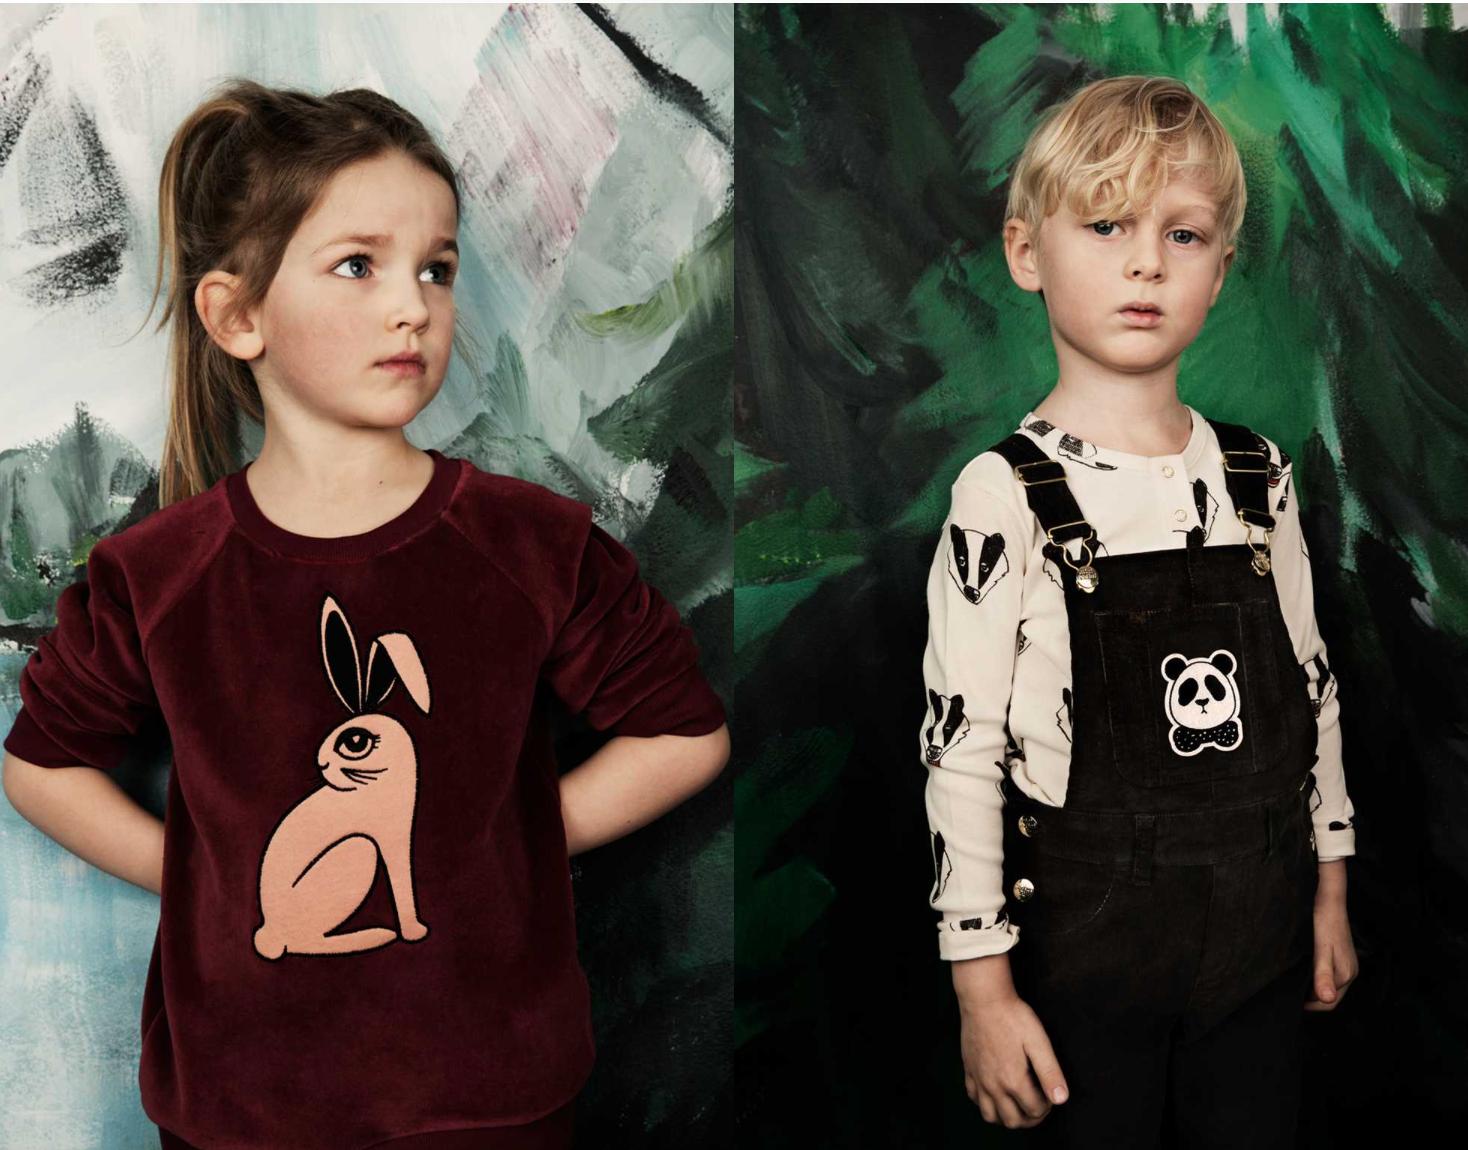 Fløyel, snekkerbukser, kaniner og grevlinger. Er det rart at jeg skulle ønske Mini Rodini også lagde klær for voksne?